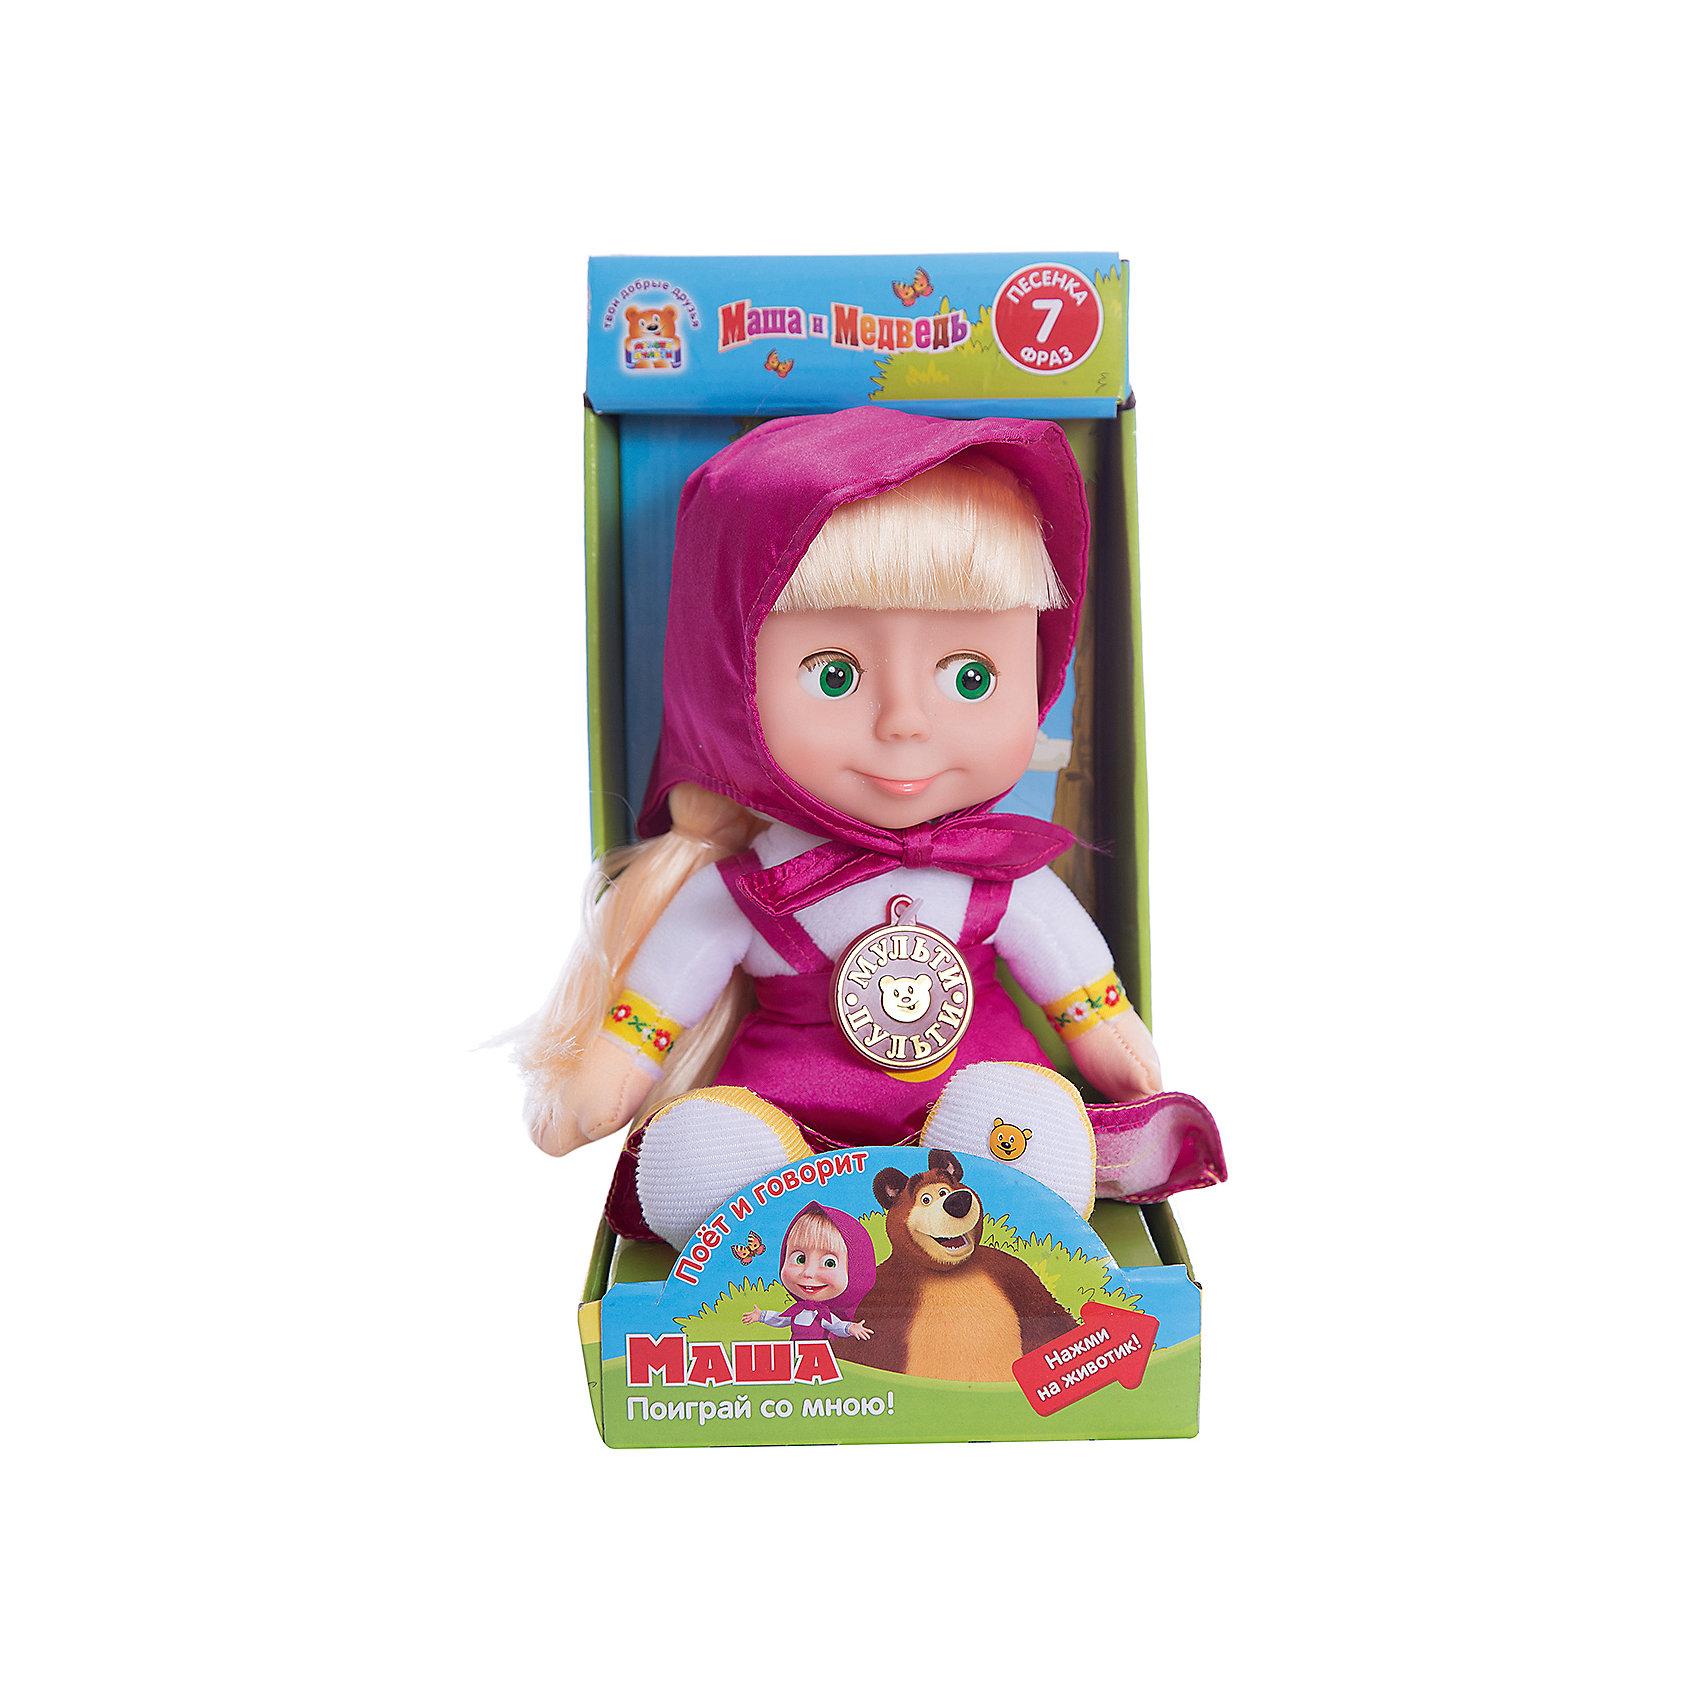 МУЛЬТИ-ПУЛЬТИ Мягкая игрушка Маша, Маша и Медведь, МУЛЬТИ-ПУЛЬТИ магниты маша и медведь купить игрушку